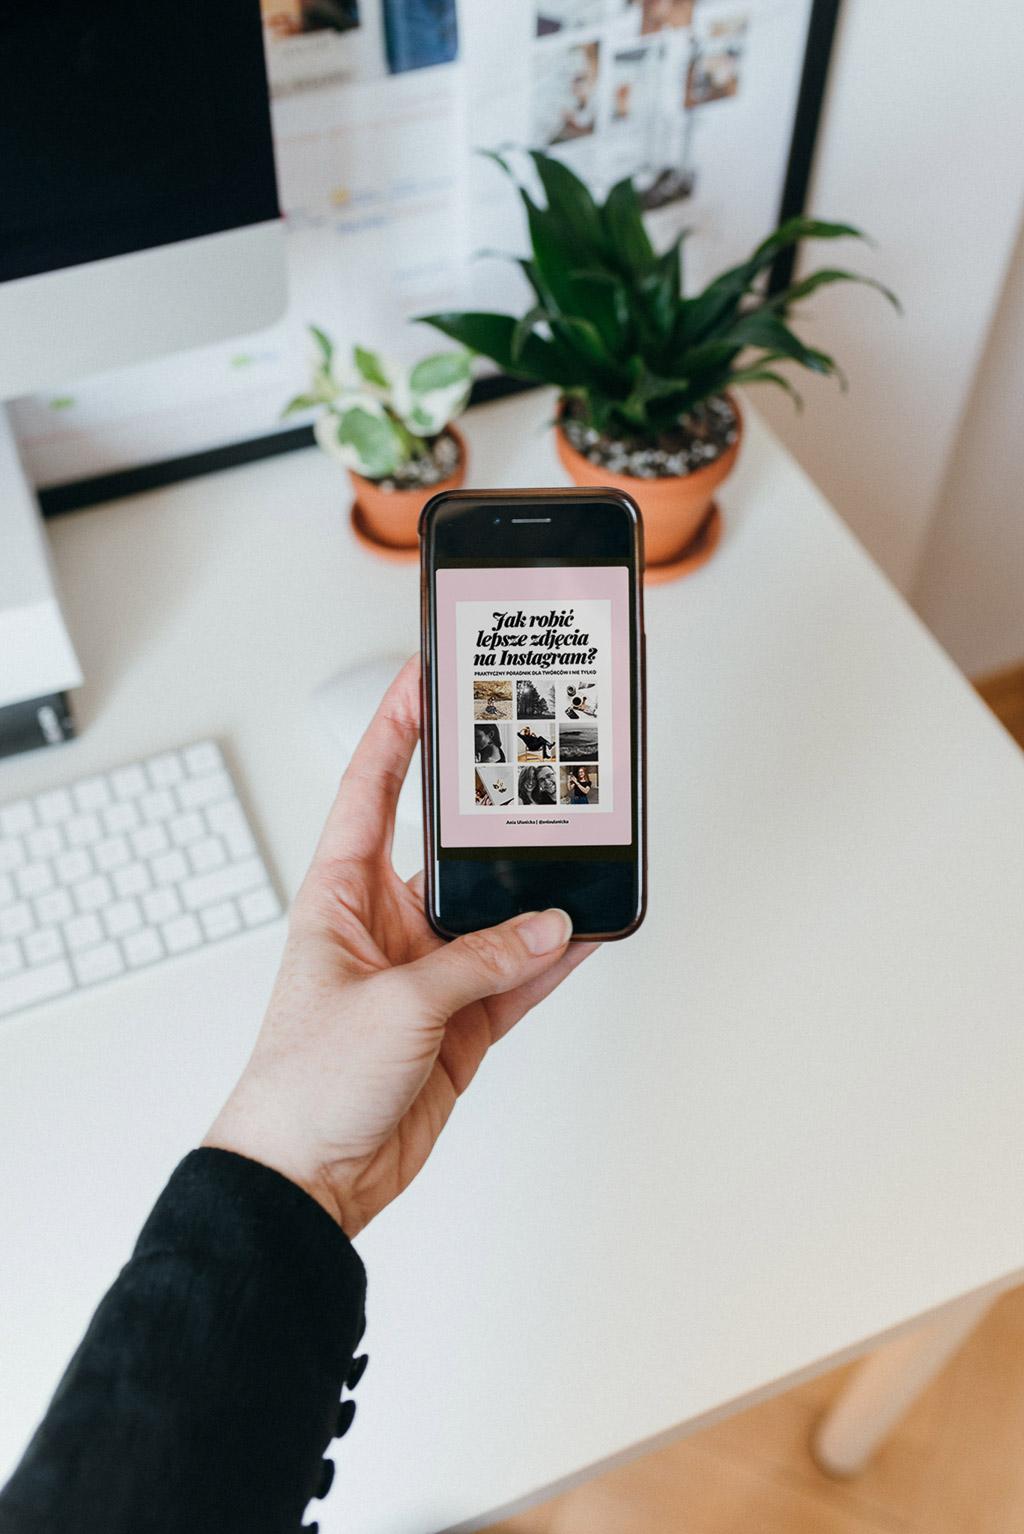 Jak robić lepsze zdjęcia na Instagram? Organizowanie sesji zdjęciowej w domu.